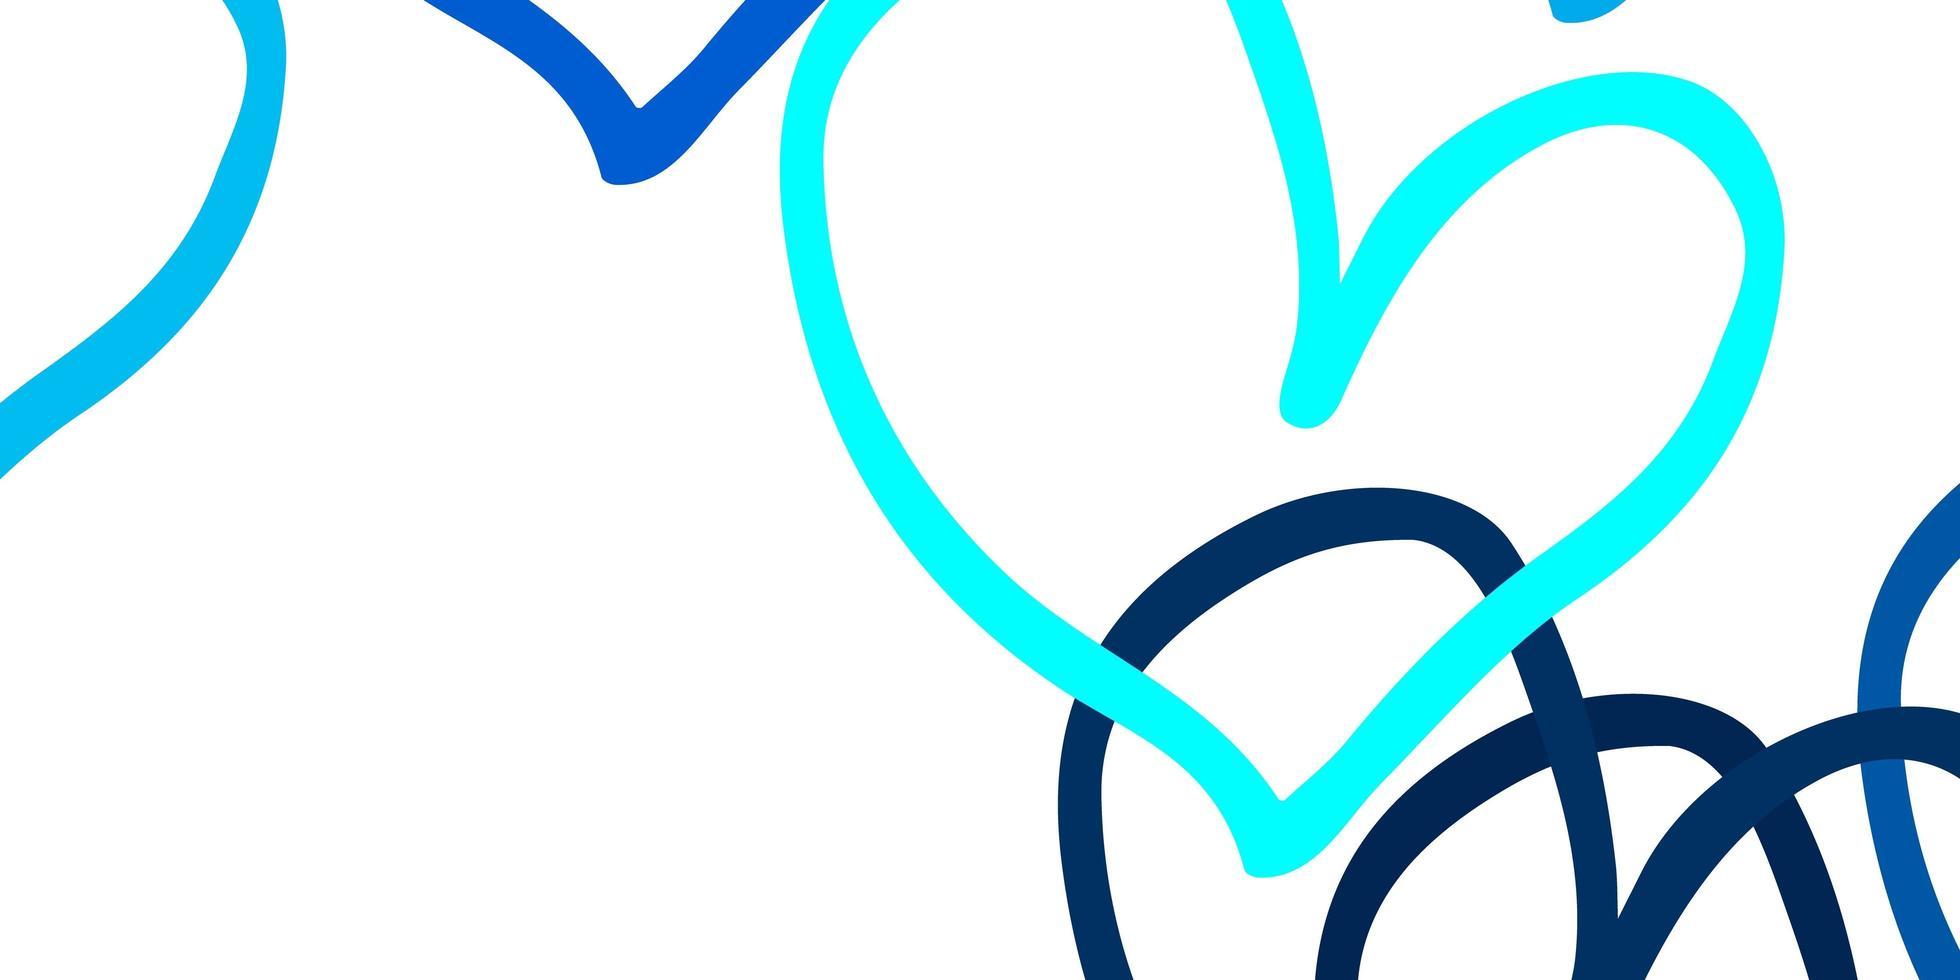 lichtblauwe vectorachtergrond met zoete harten. vector